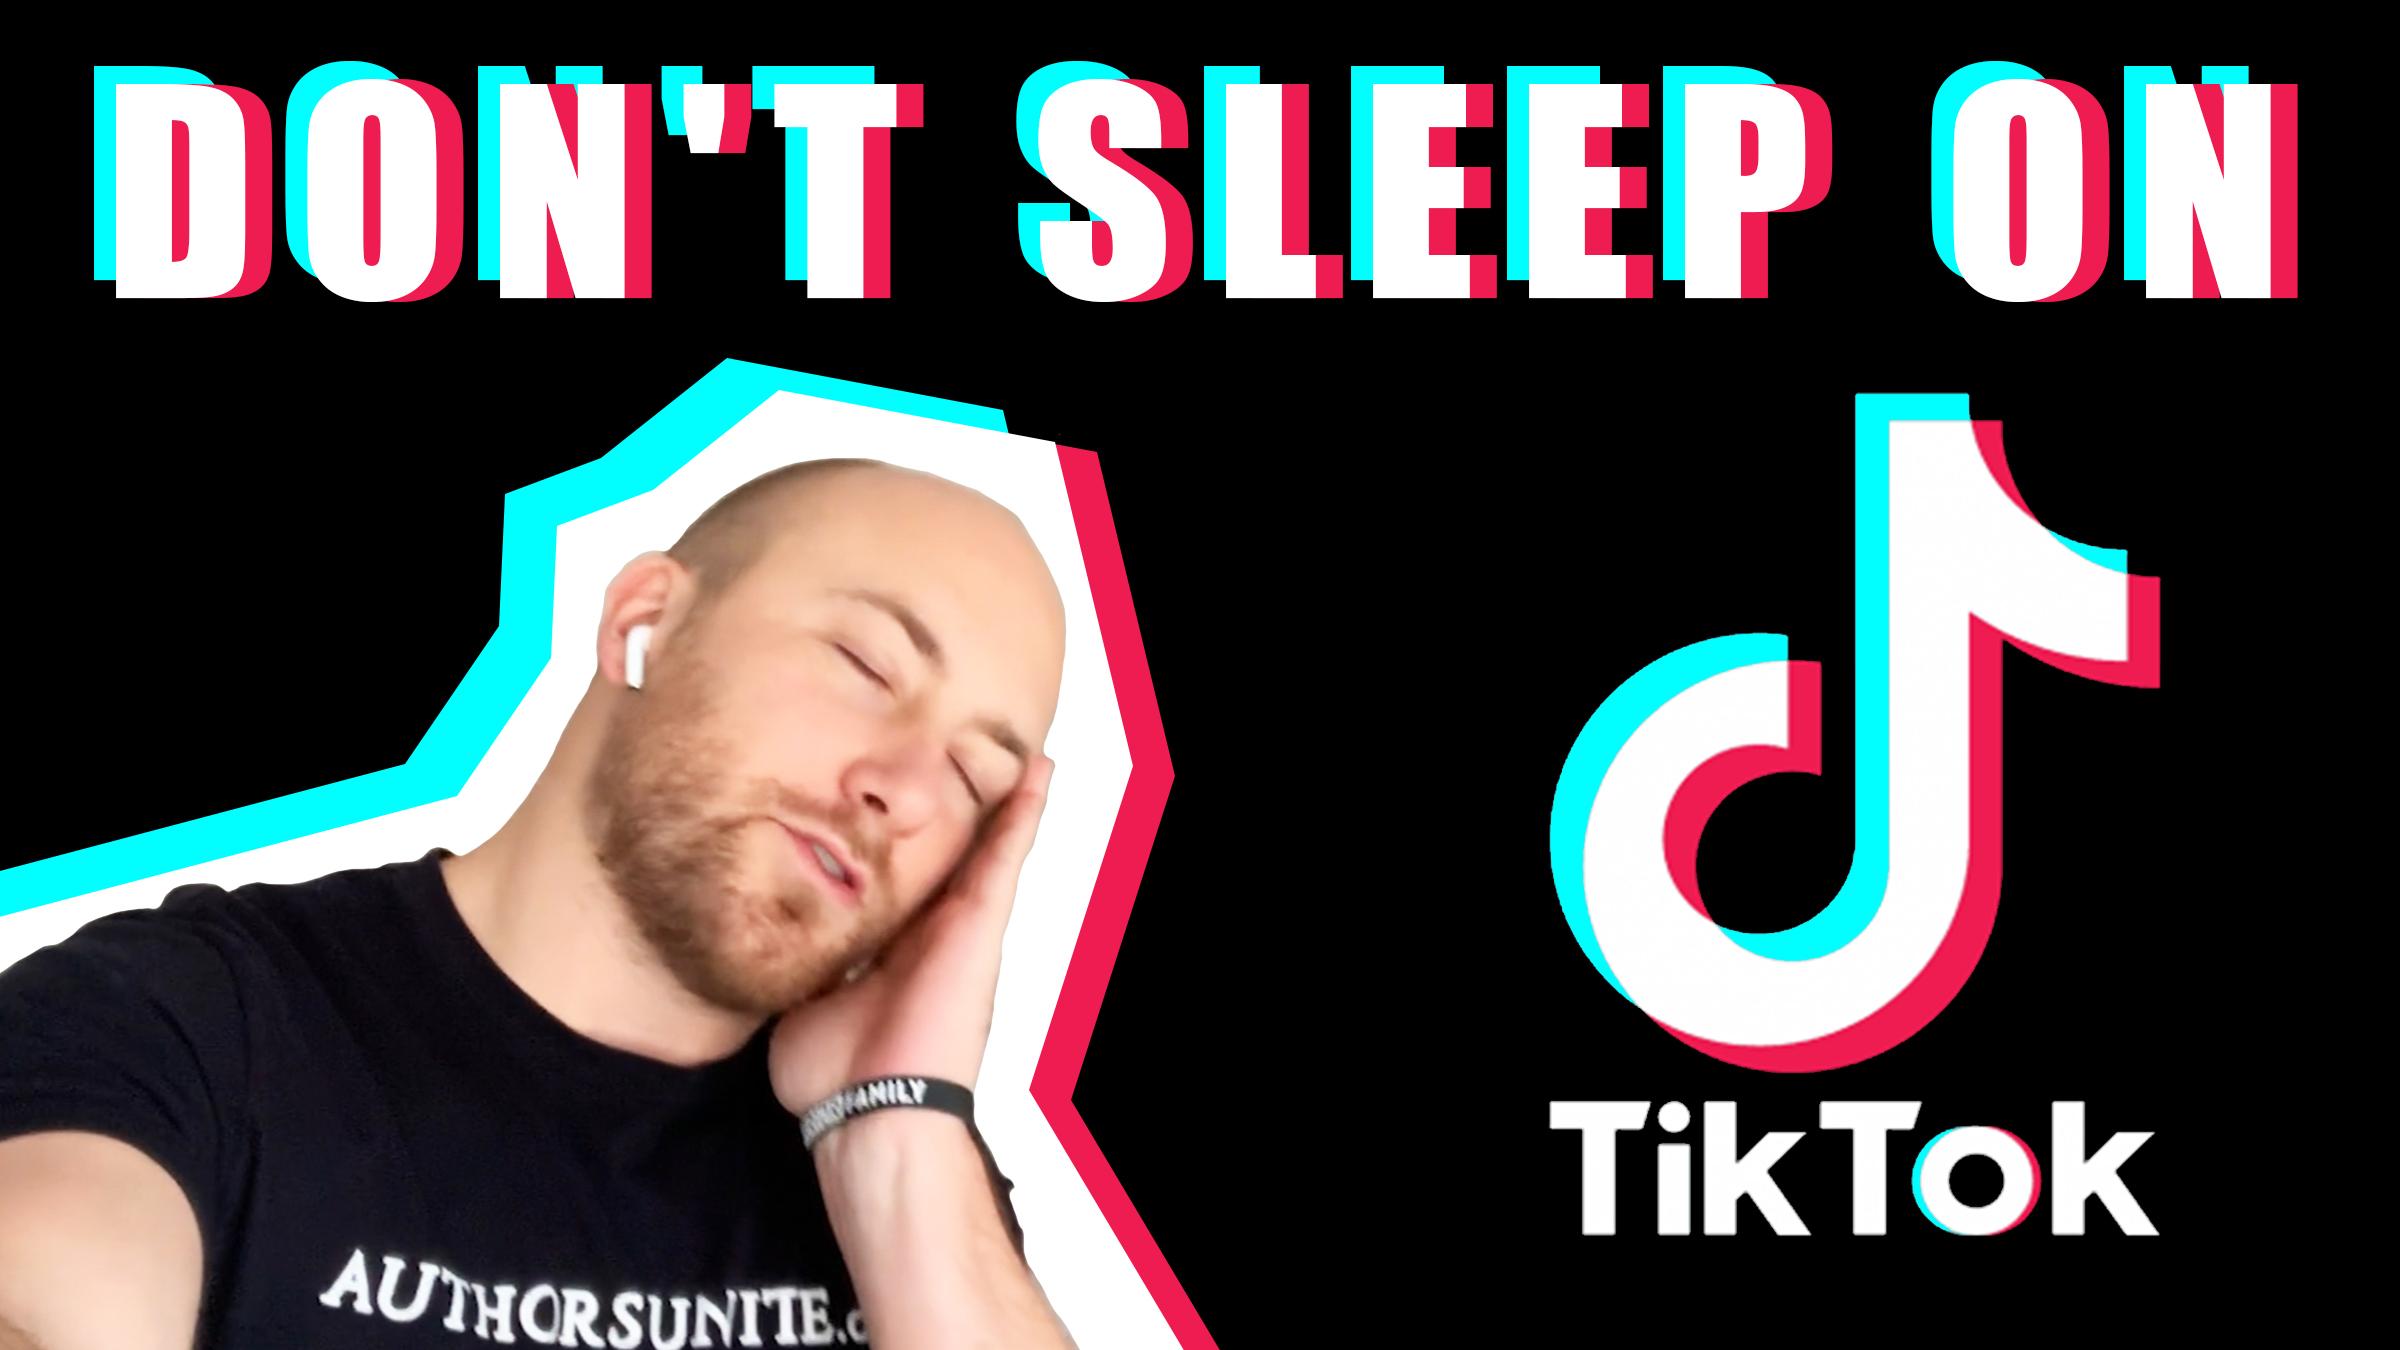 Don't Sleep On TikTok